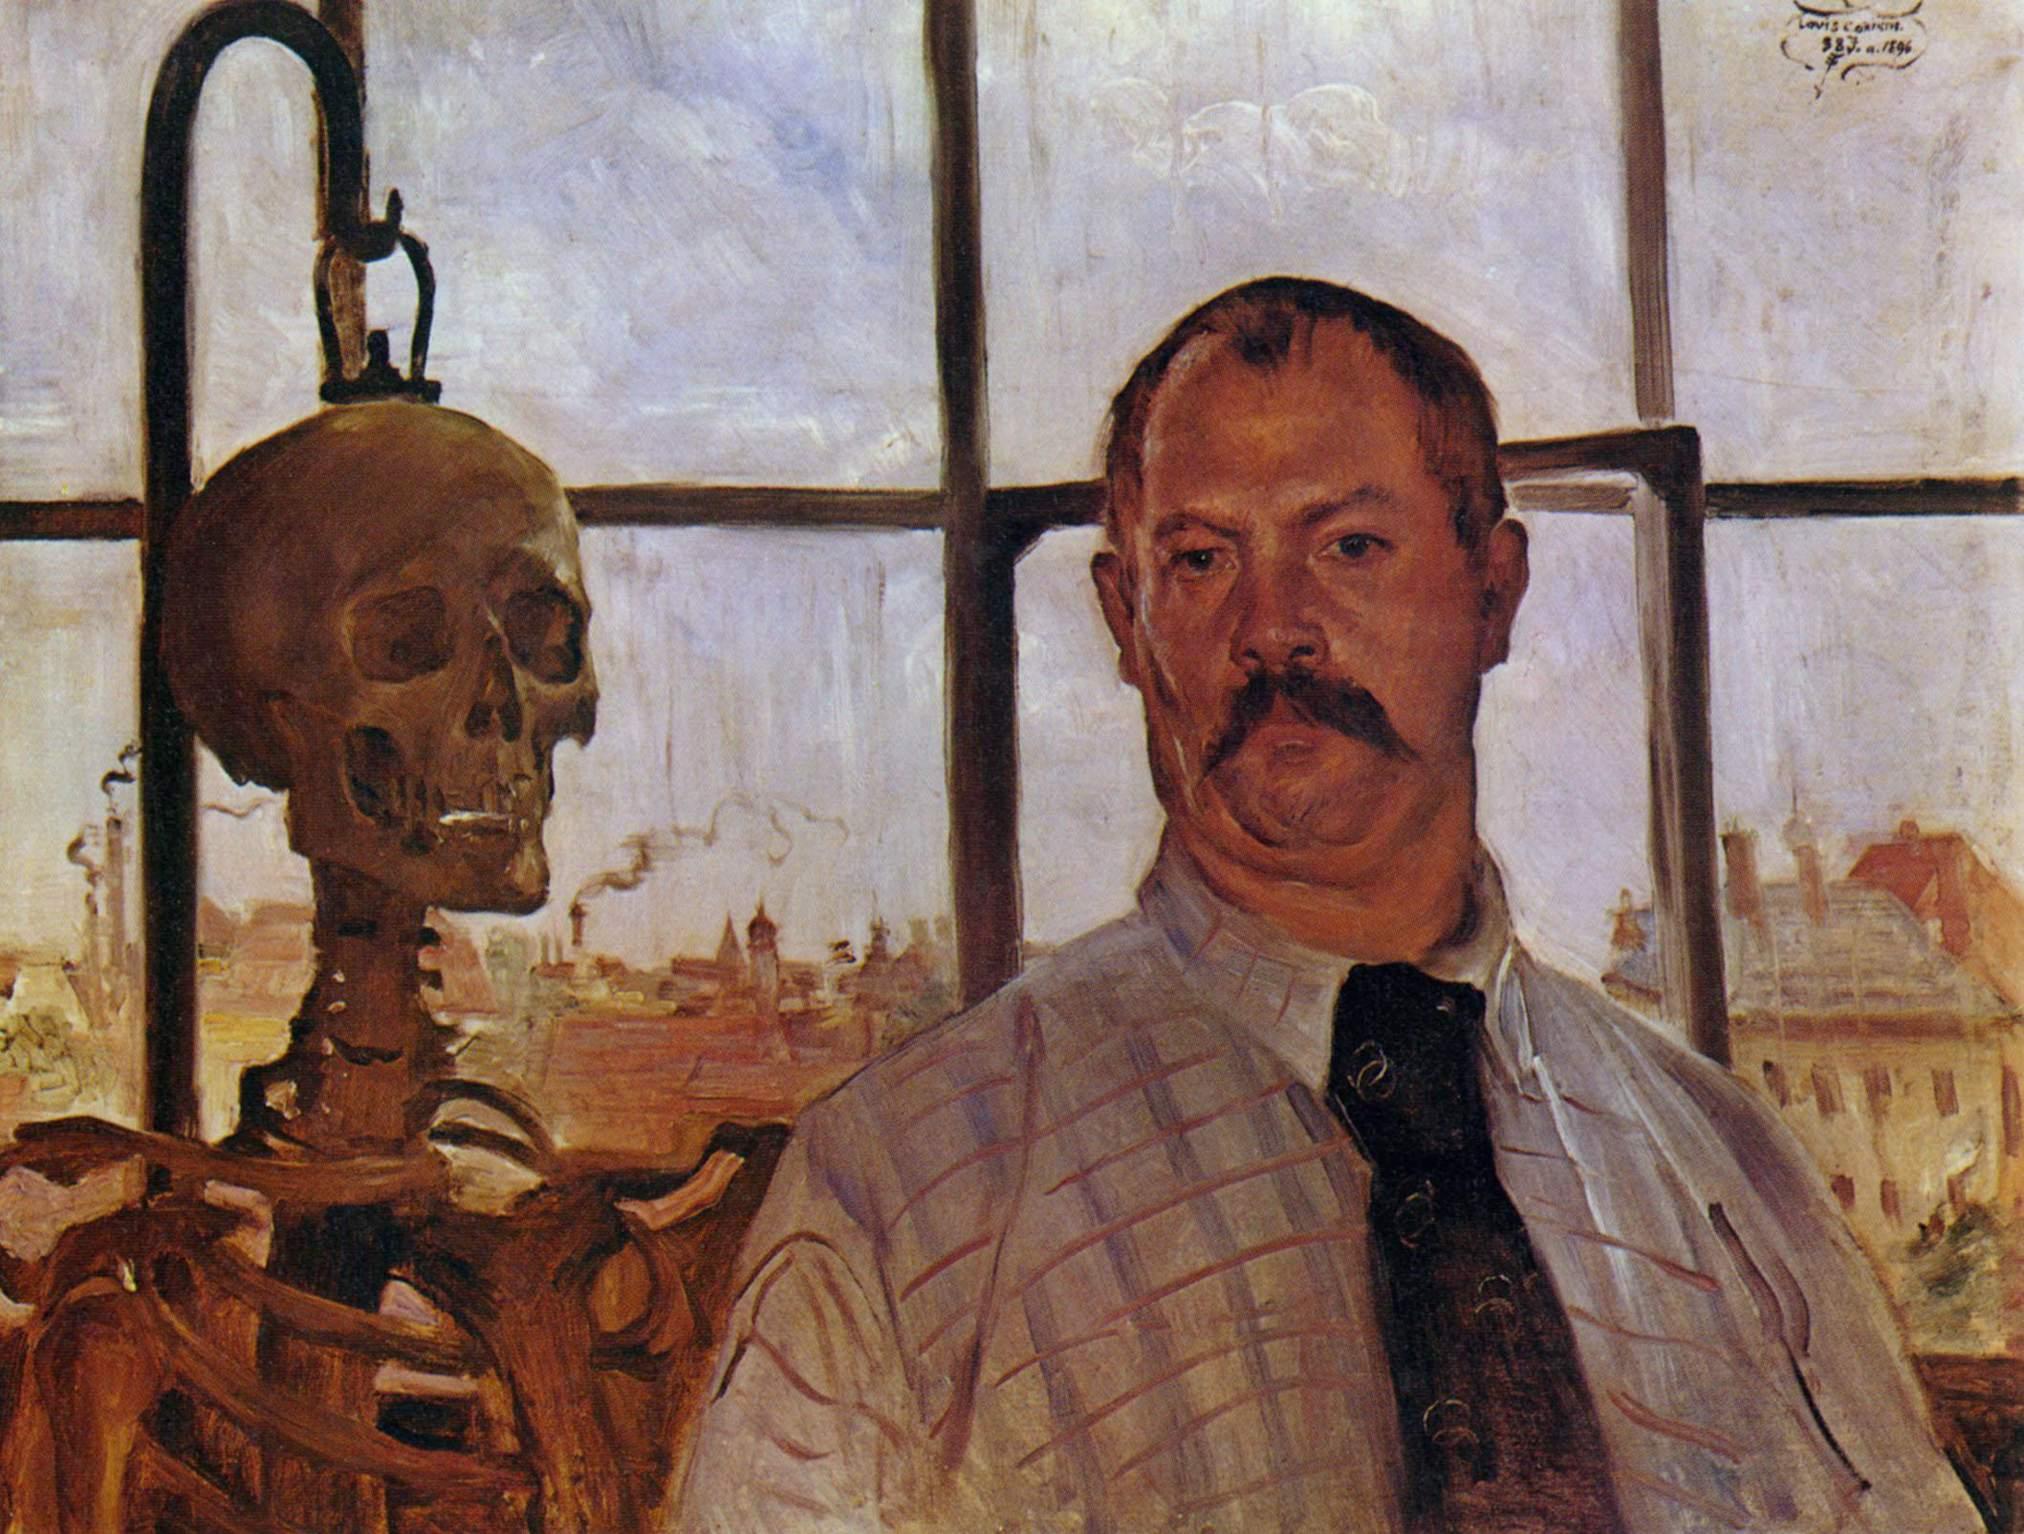 lovis corinth Autoportrait avec un squelette 1896 Lenbachhaus Munich